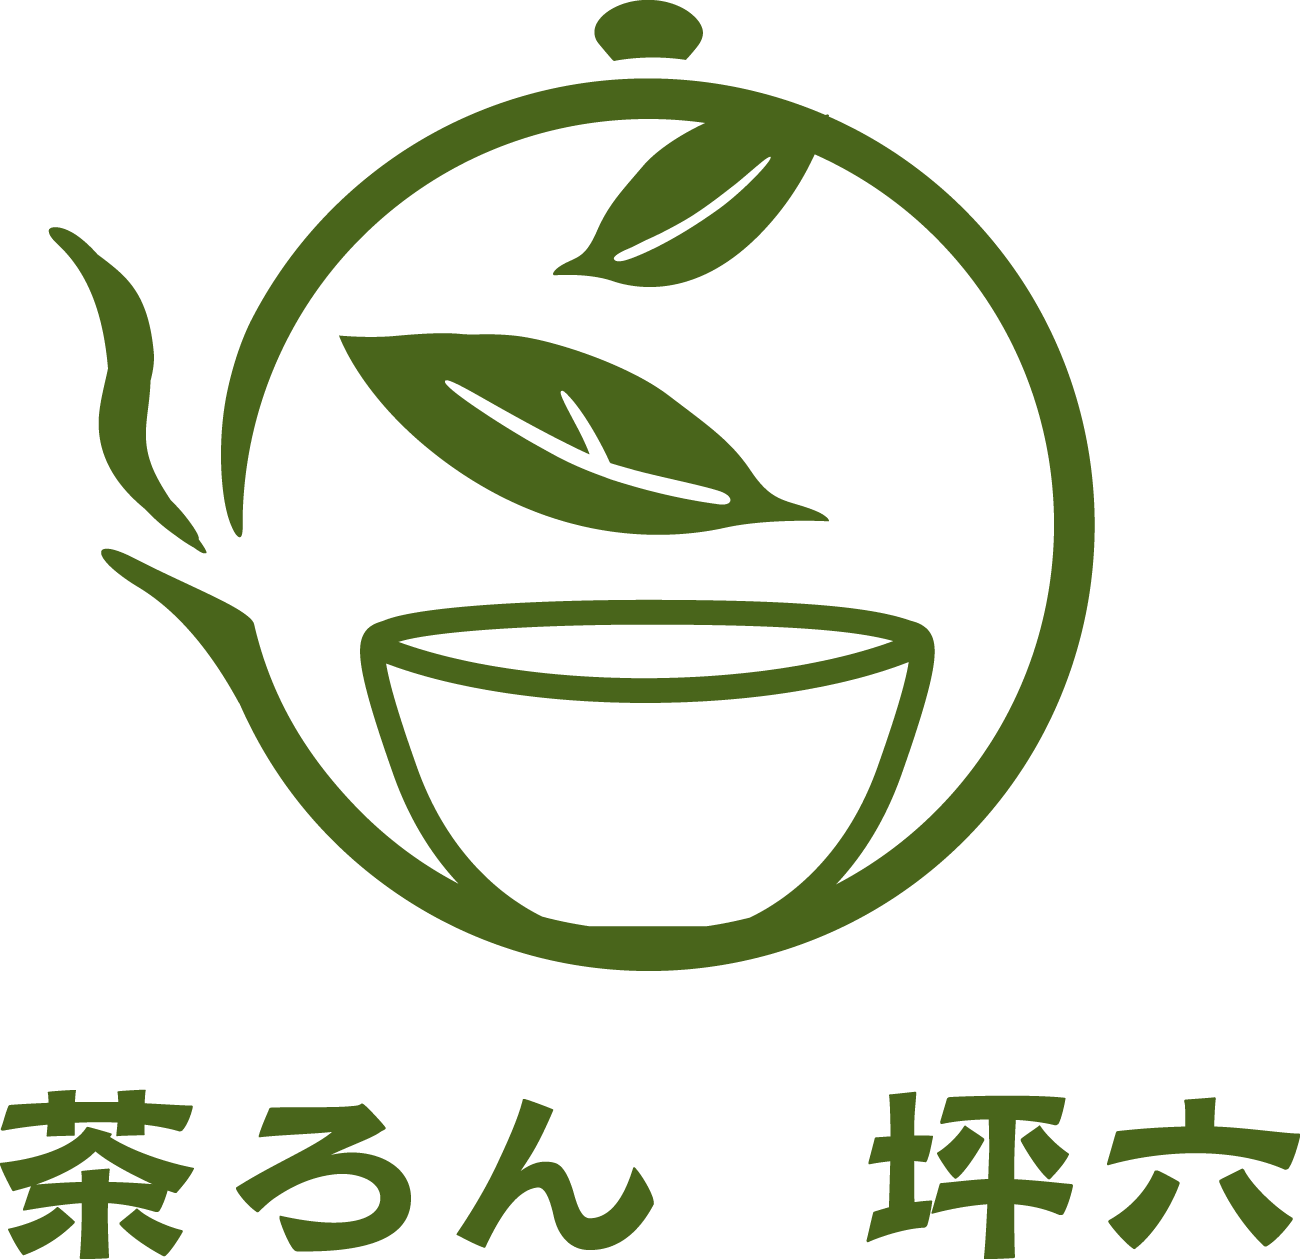 飲食業と親しみ/優しいと緑のロゴ